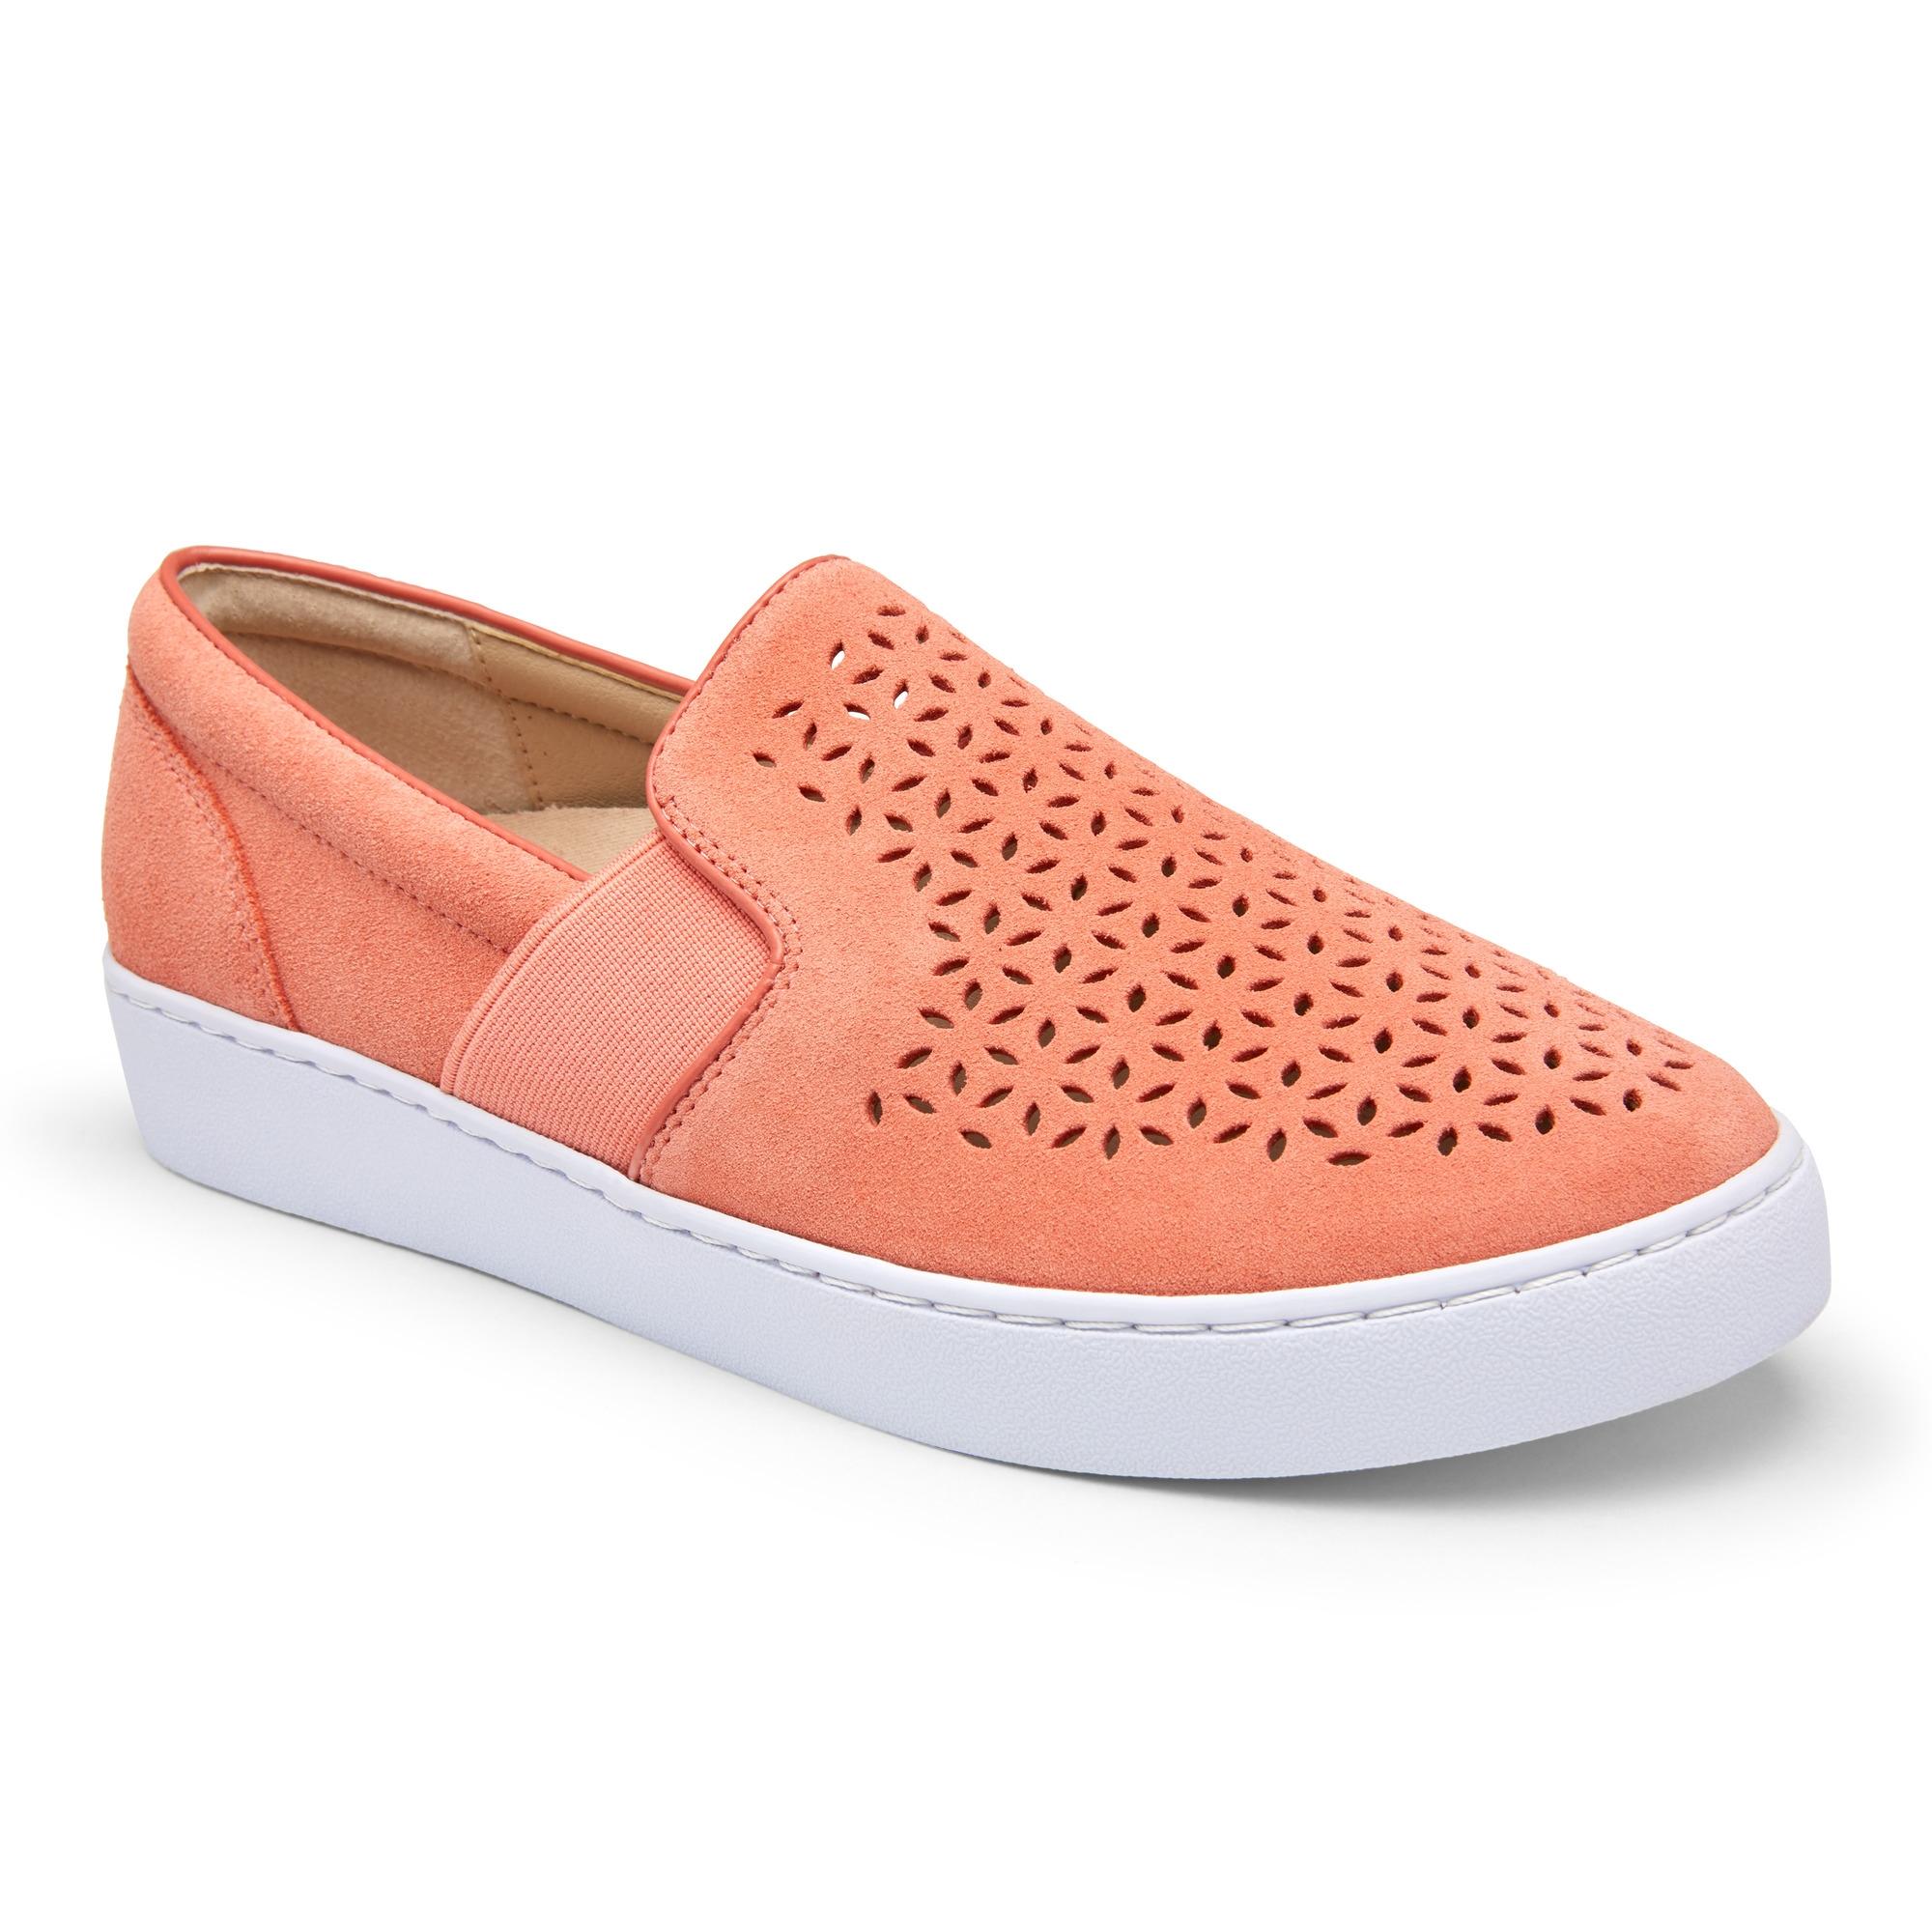 Kani Slip-on Sneaker | Vionic Shoes